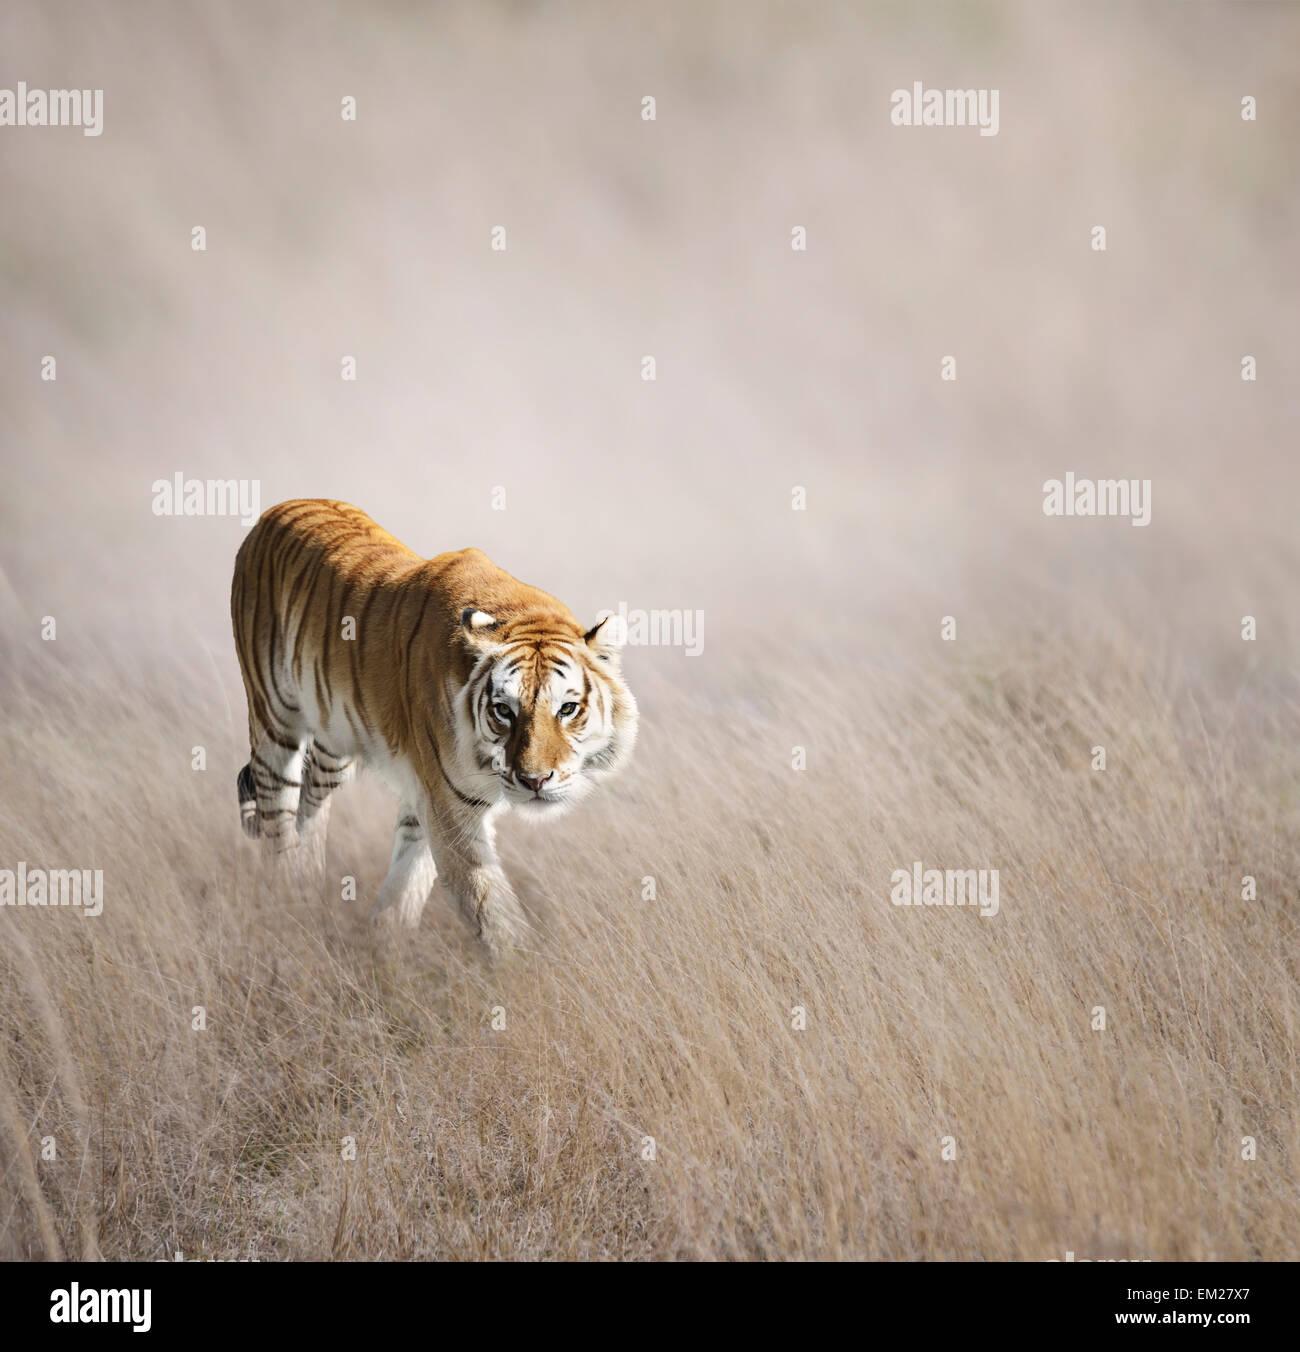 Tiger passeggiate in erba Immagini Stock